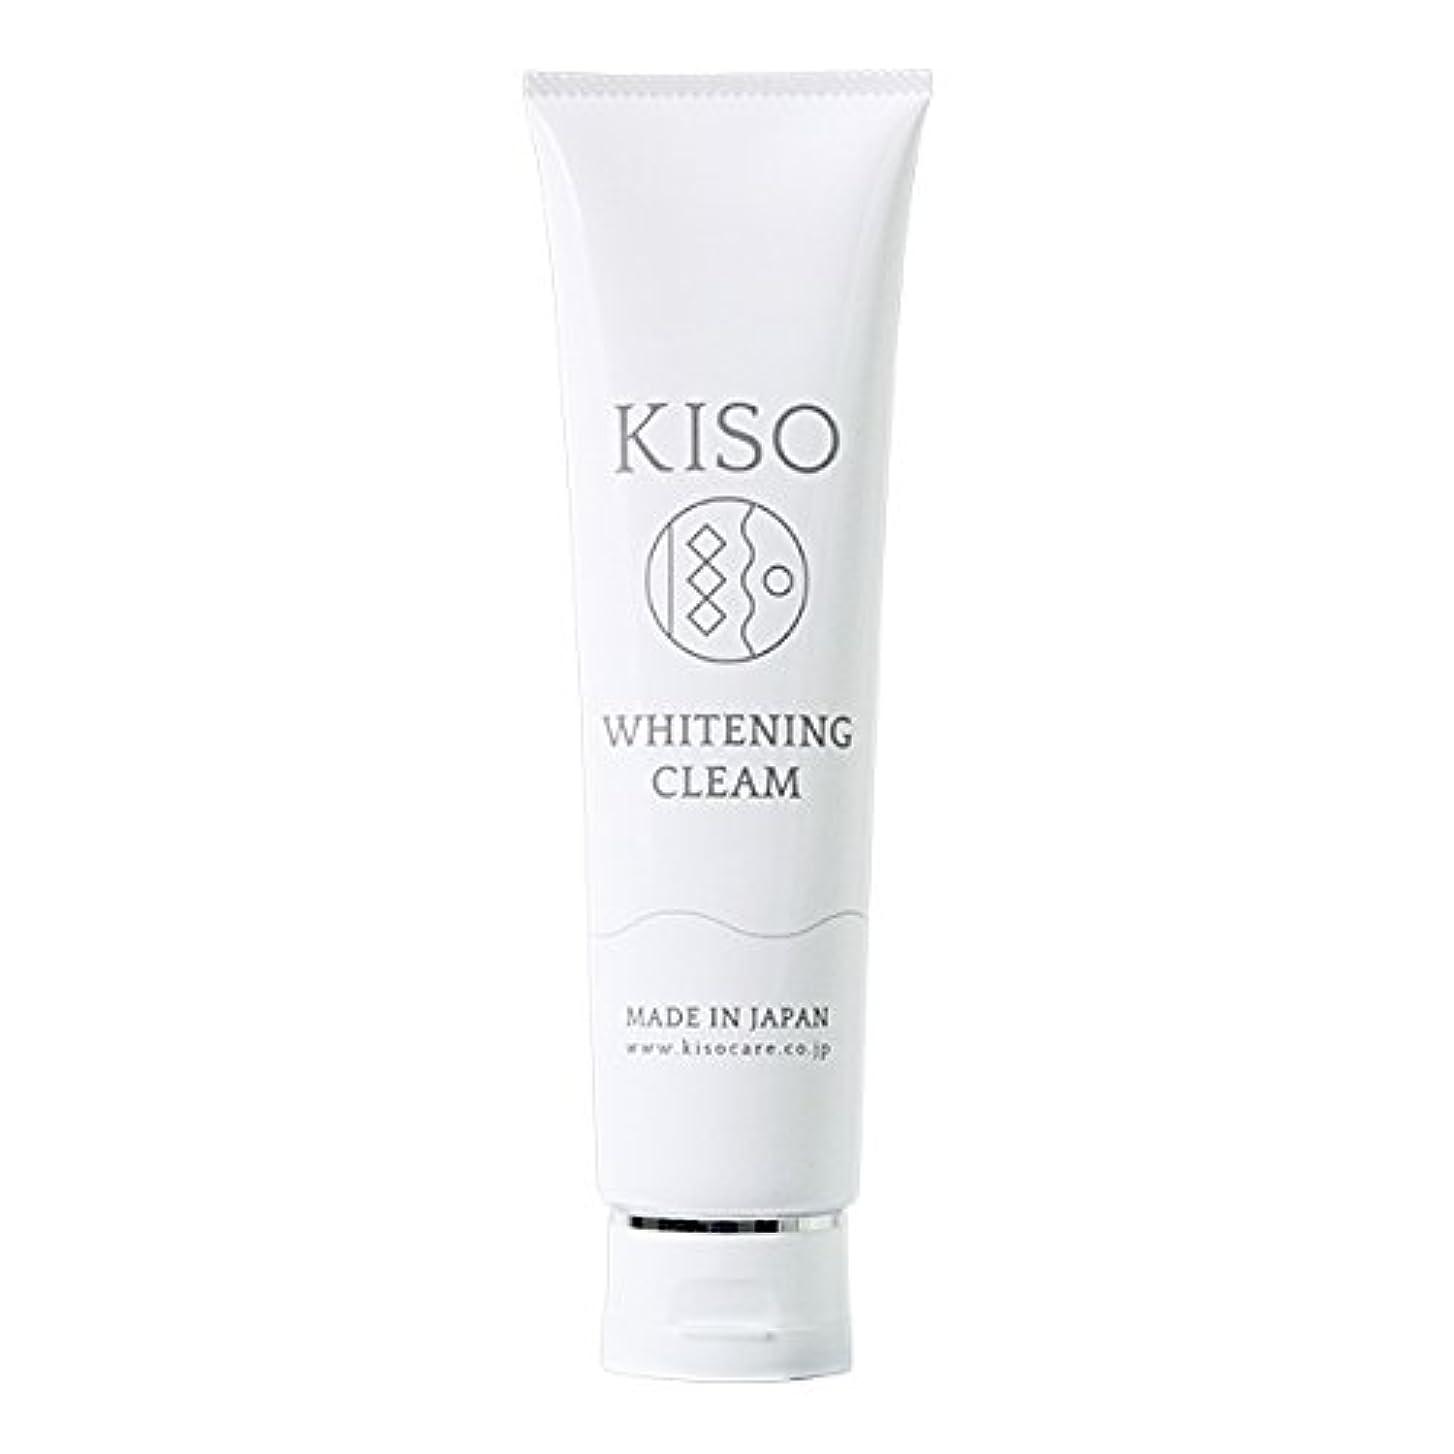 植物学者雑草炎上【KISO 薬用 ホワイトニング クリーム 150g】 【医薬部外品】トラネキサム酸2%配合クリーム。